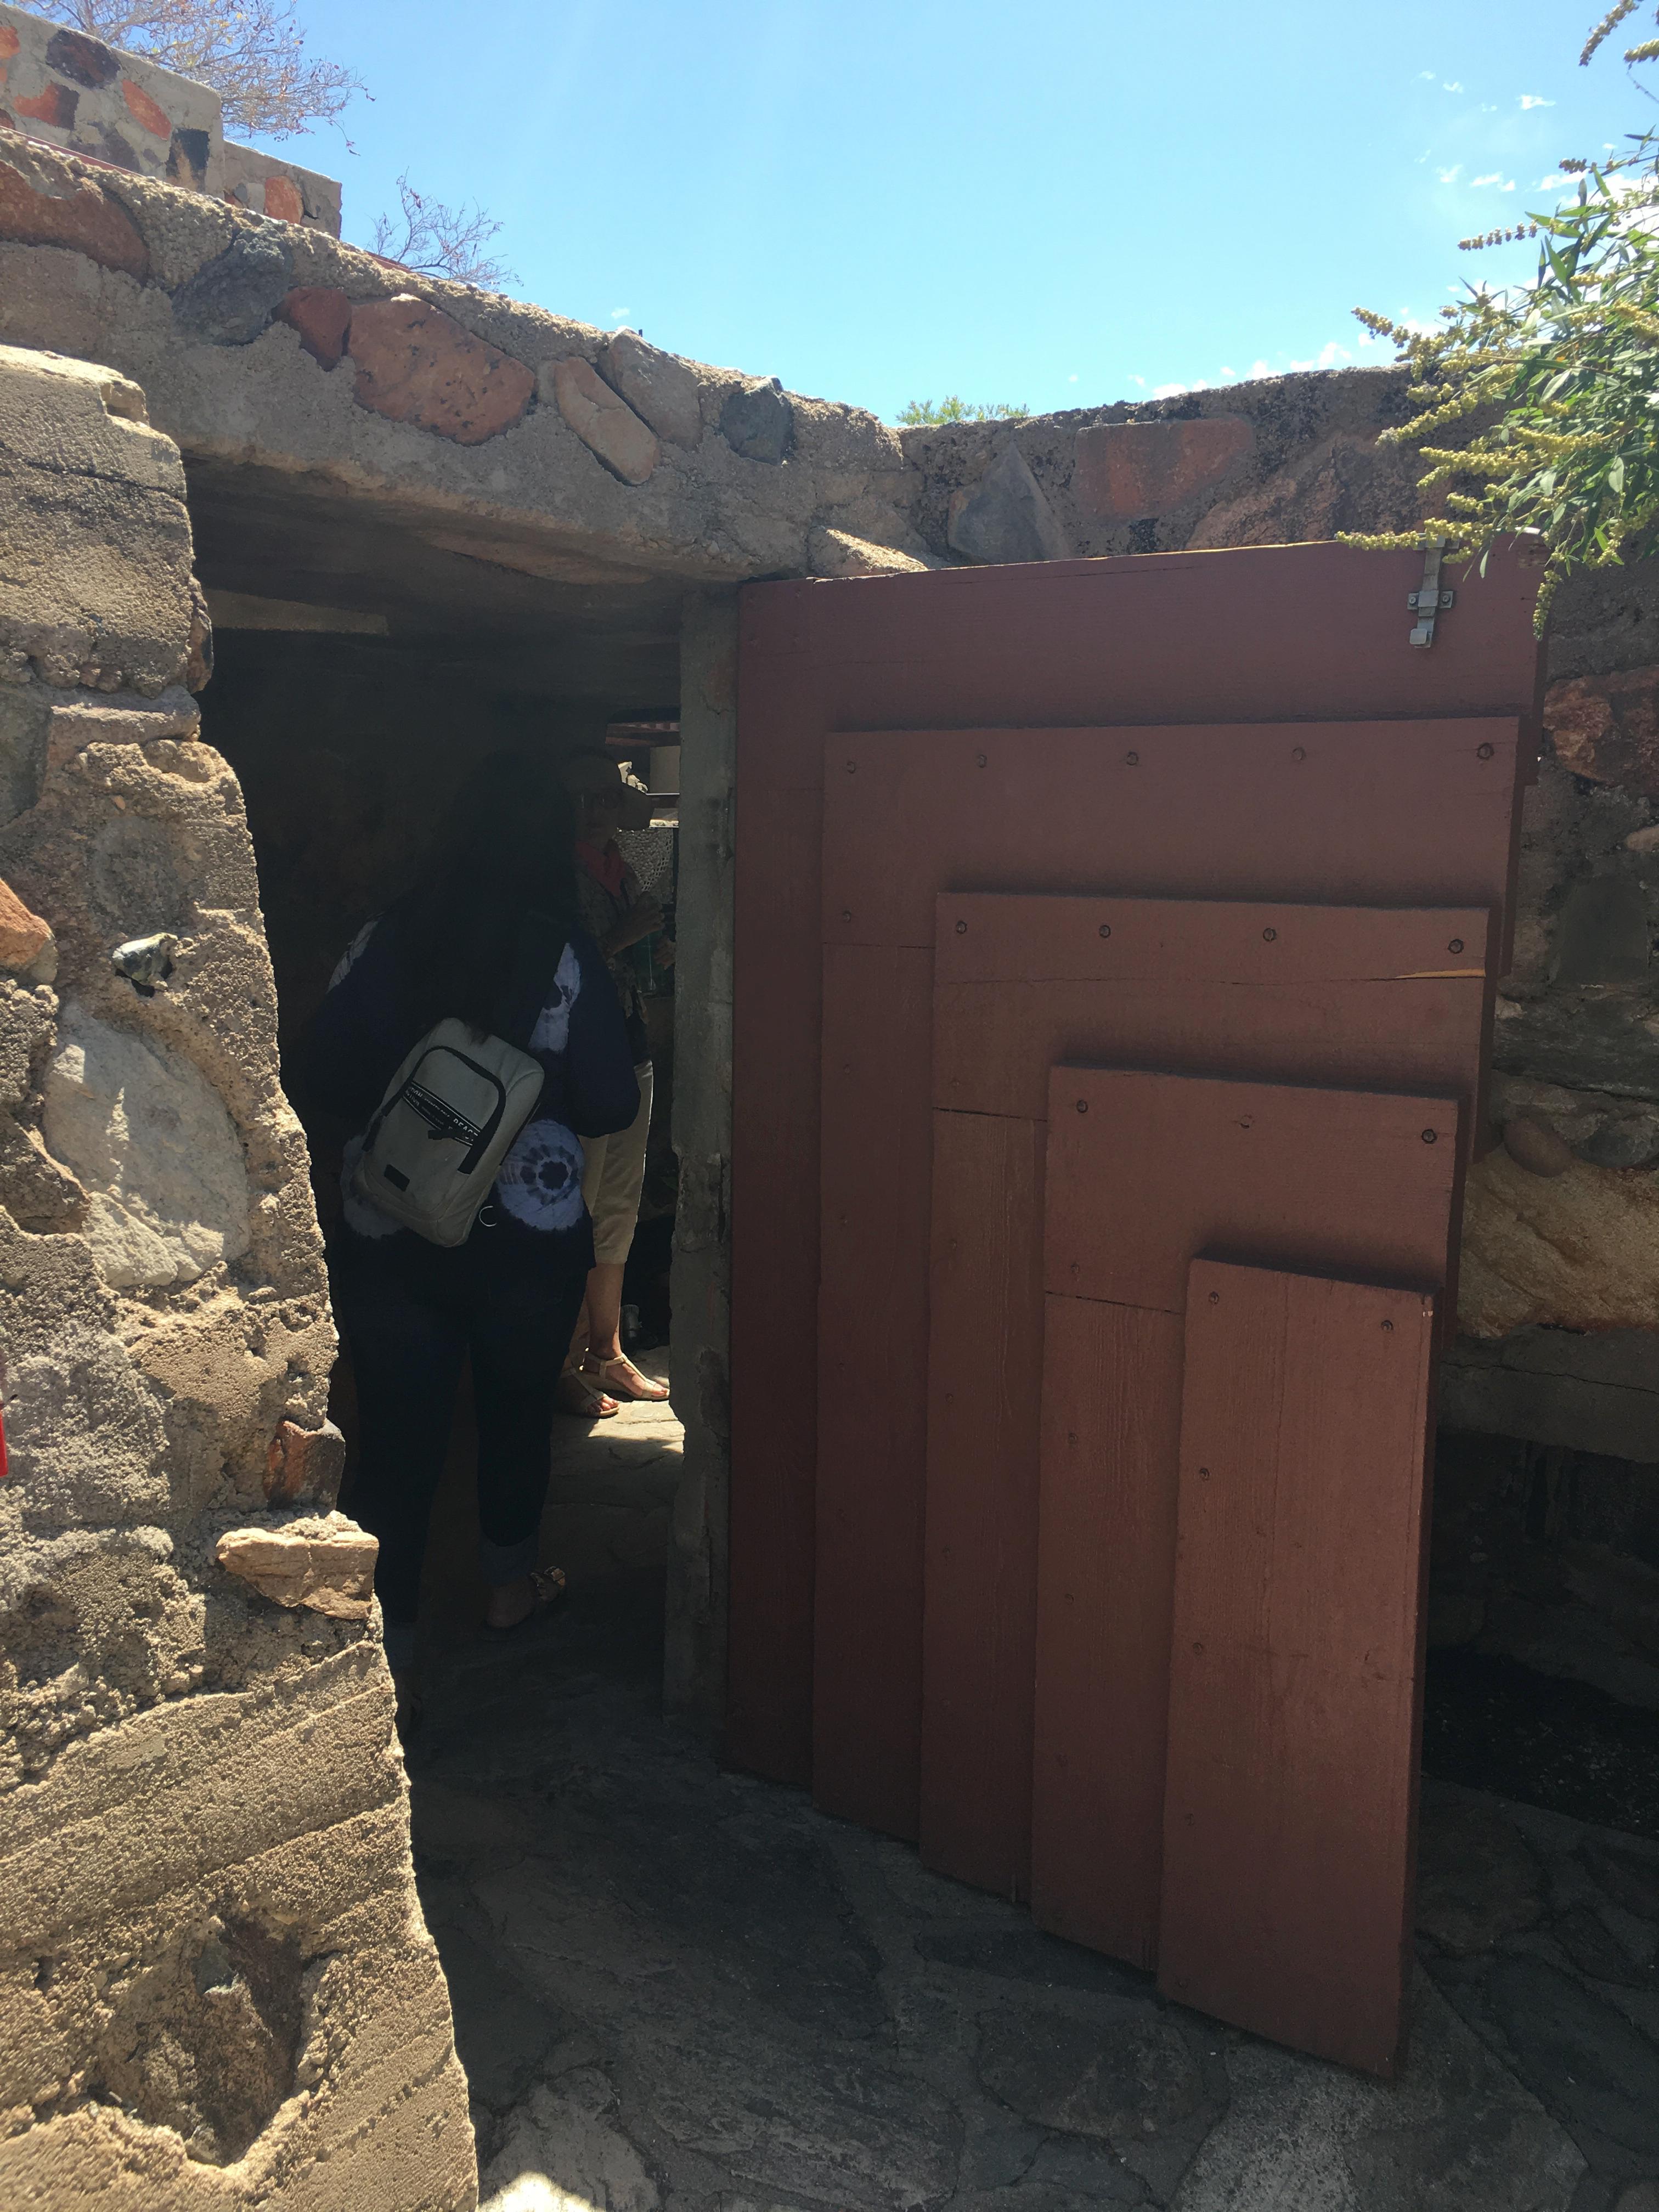 Doorway into living quarters